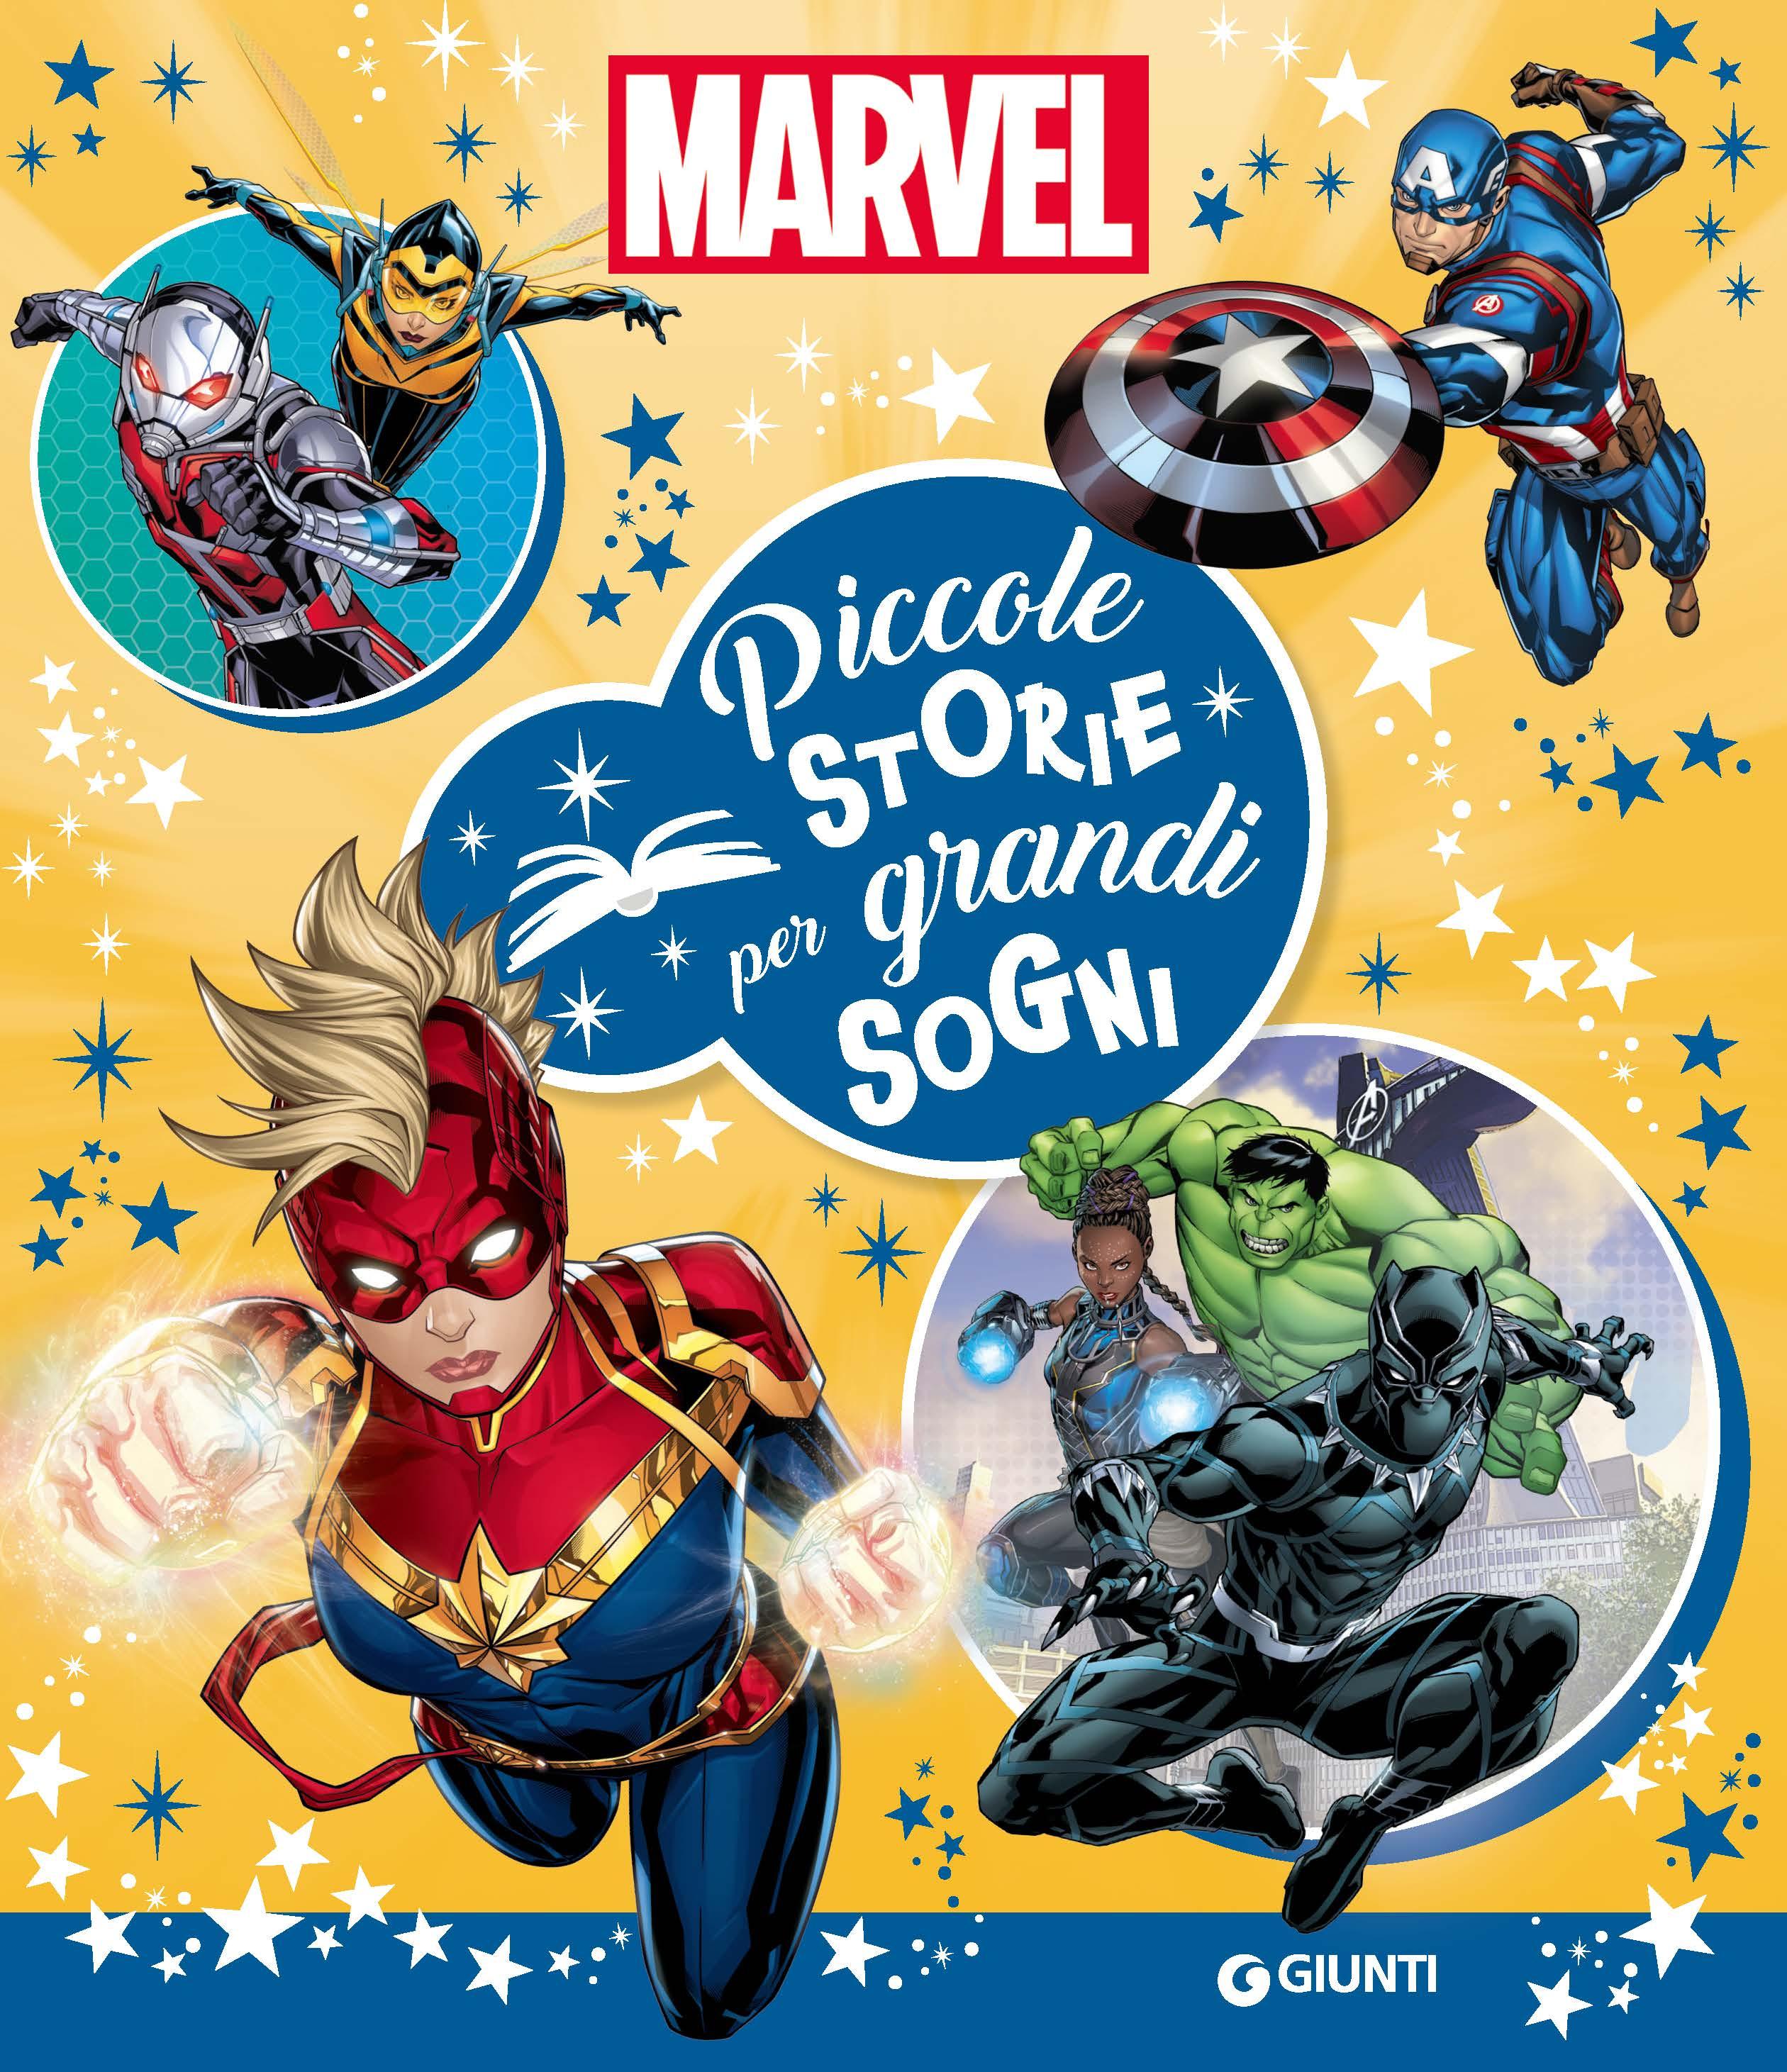 Marvel Piccole storie per grandi sogni